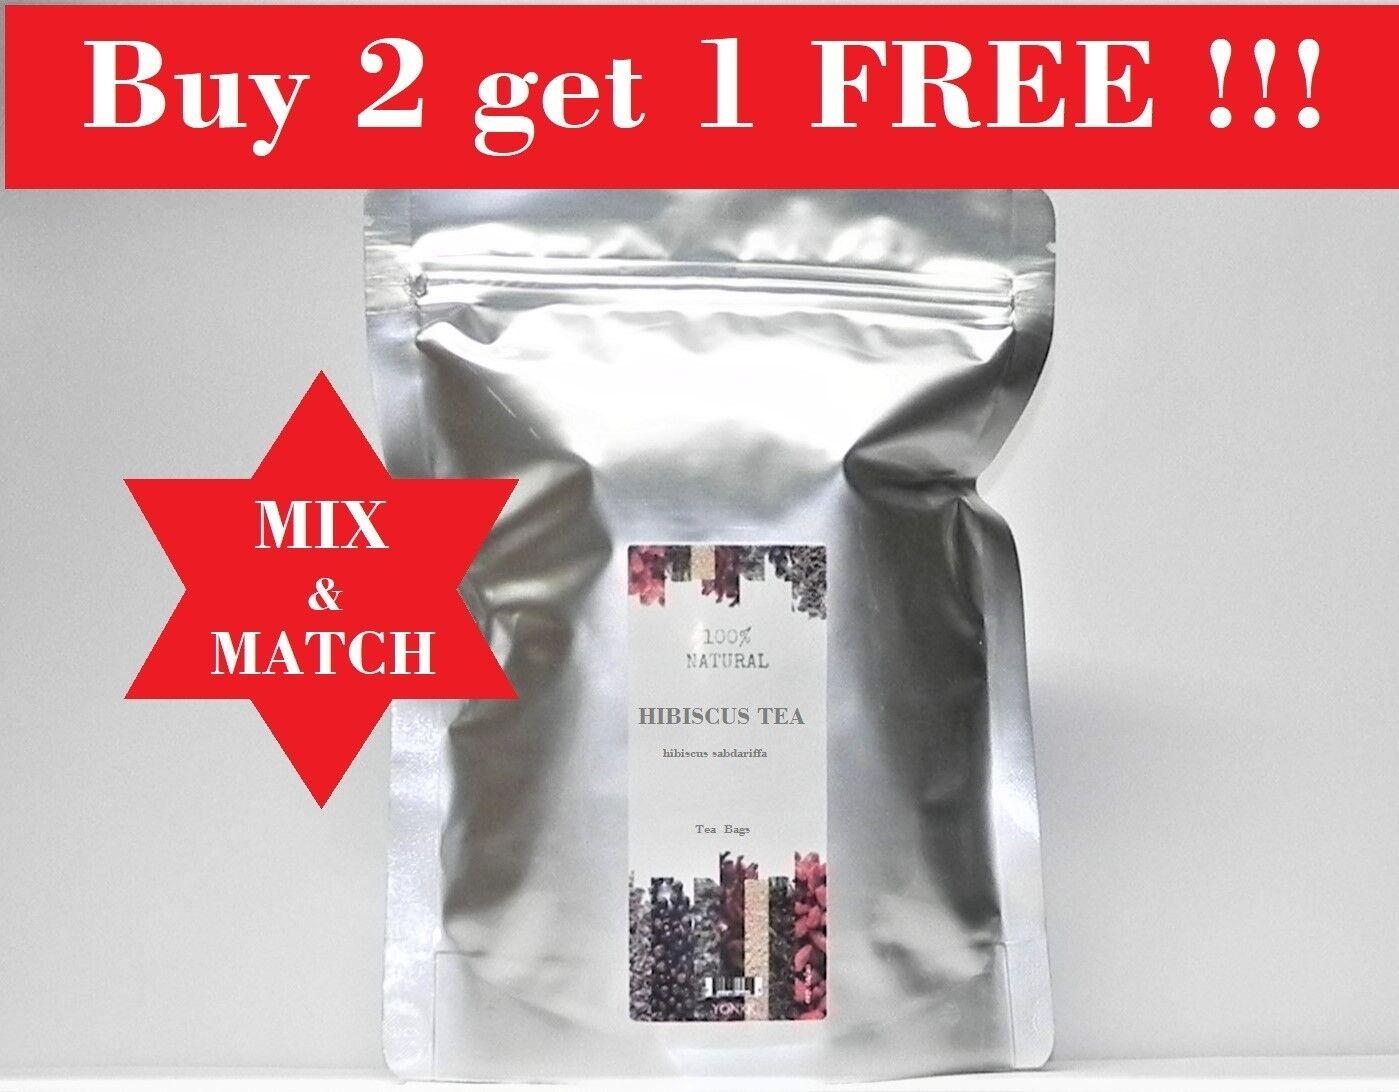 Hibiscus Flower Herbal Tea - 30 Tea Bags - Buy 2 get 1 Free